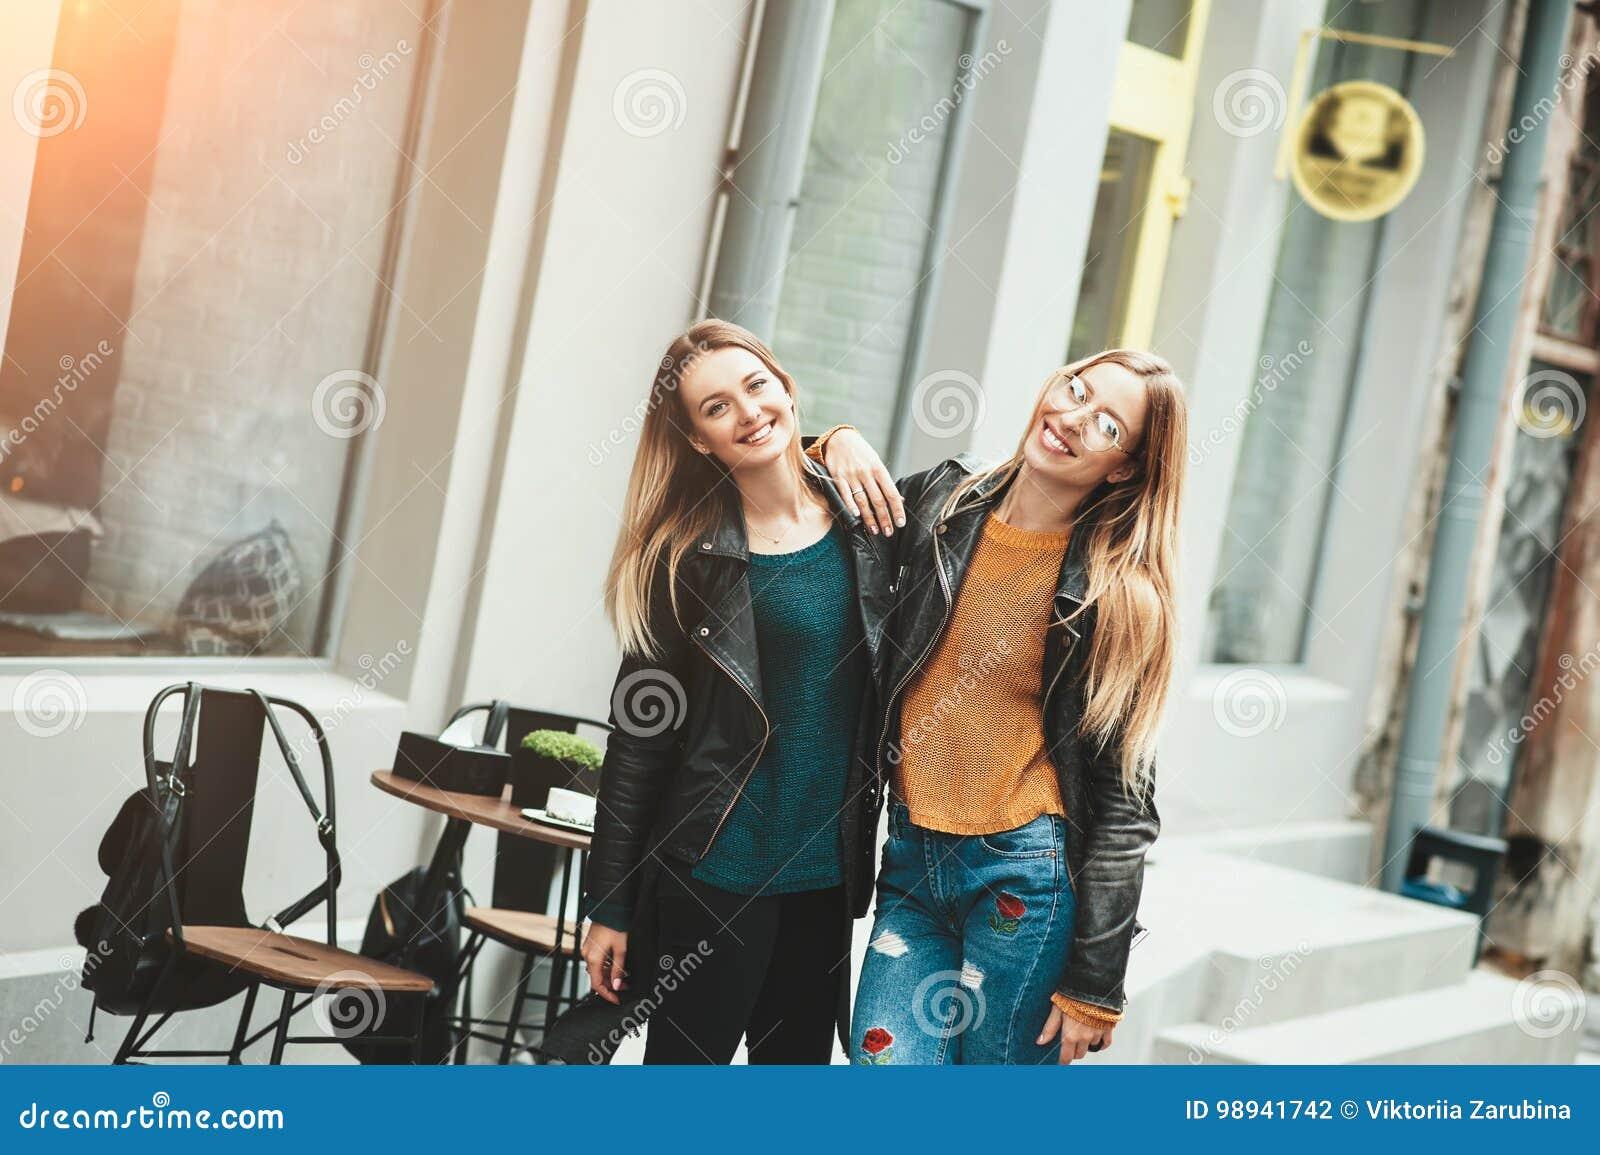 它是与最好的朋友的滑稽的步行!两名美丽的妇女走的室外拥抱和笑在秋天街道上